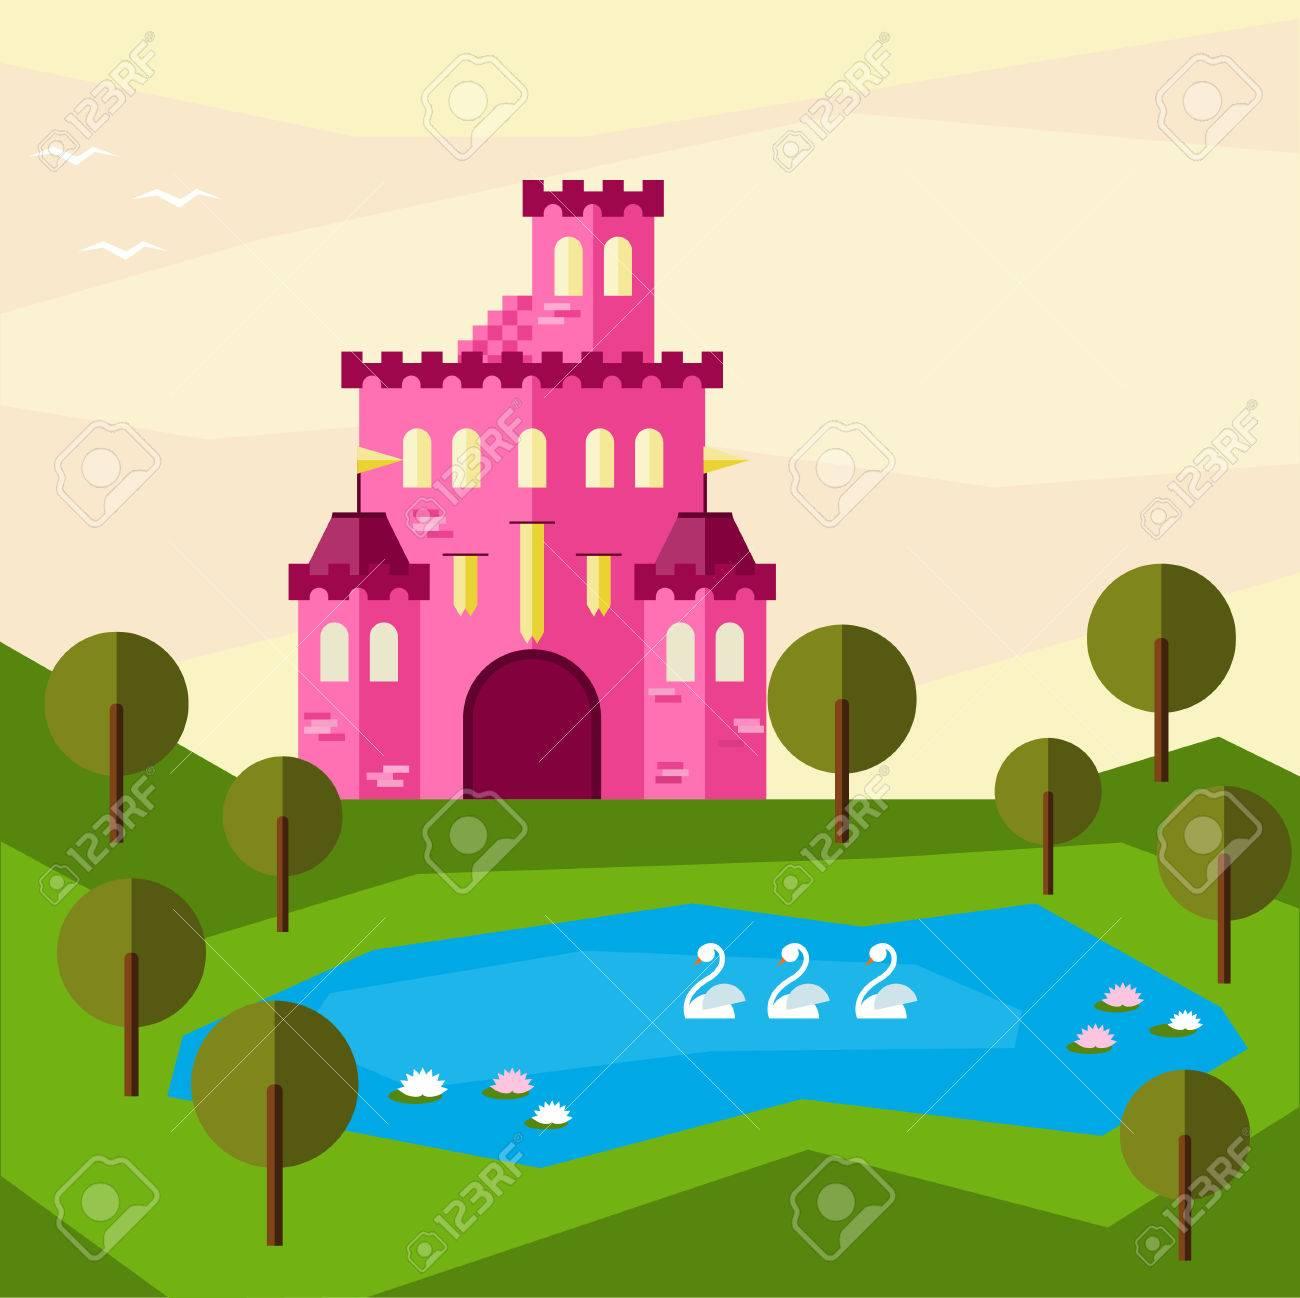 Illustration Graphique Lumineux Avec Rose Dessin Anime Chateau De